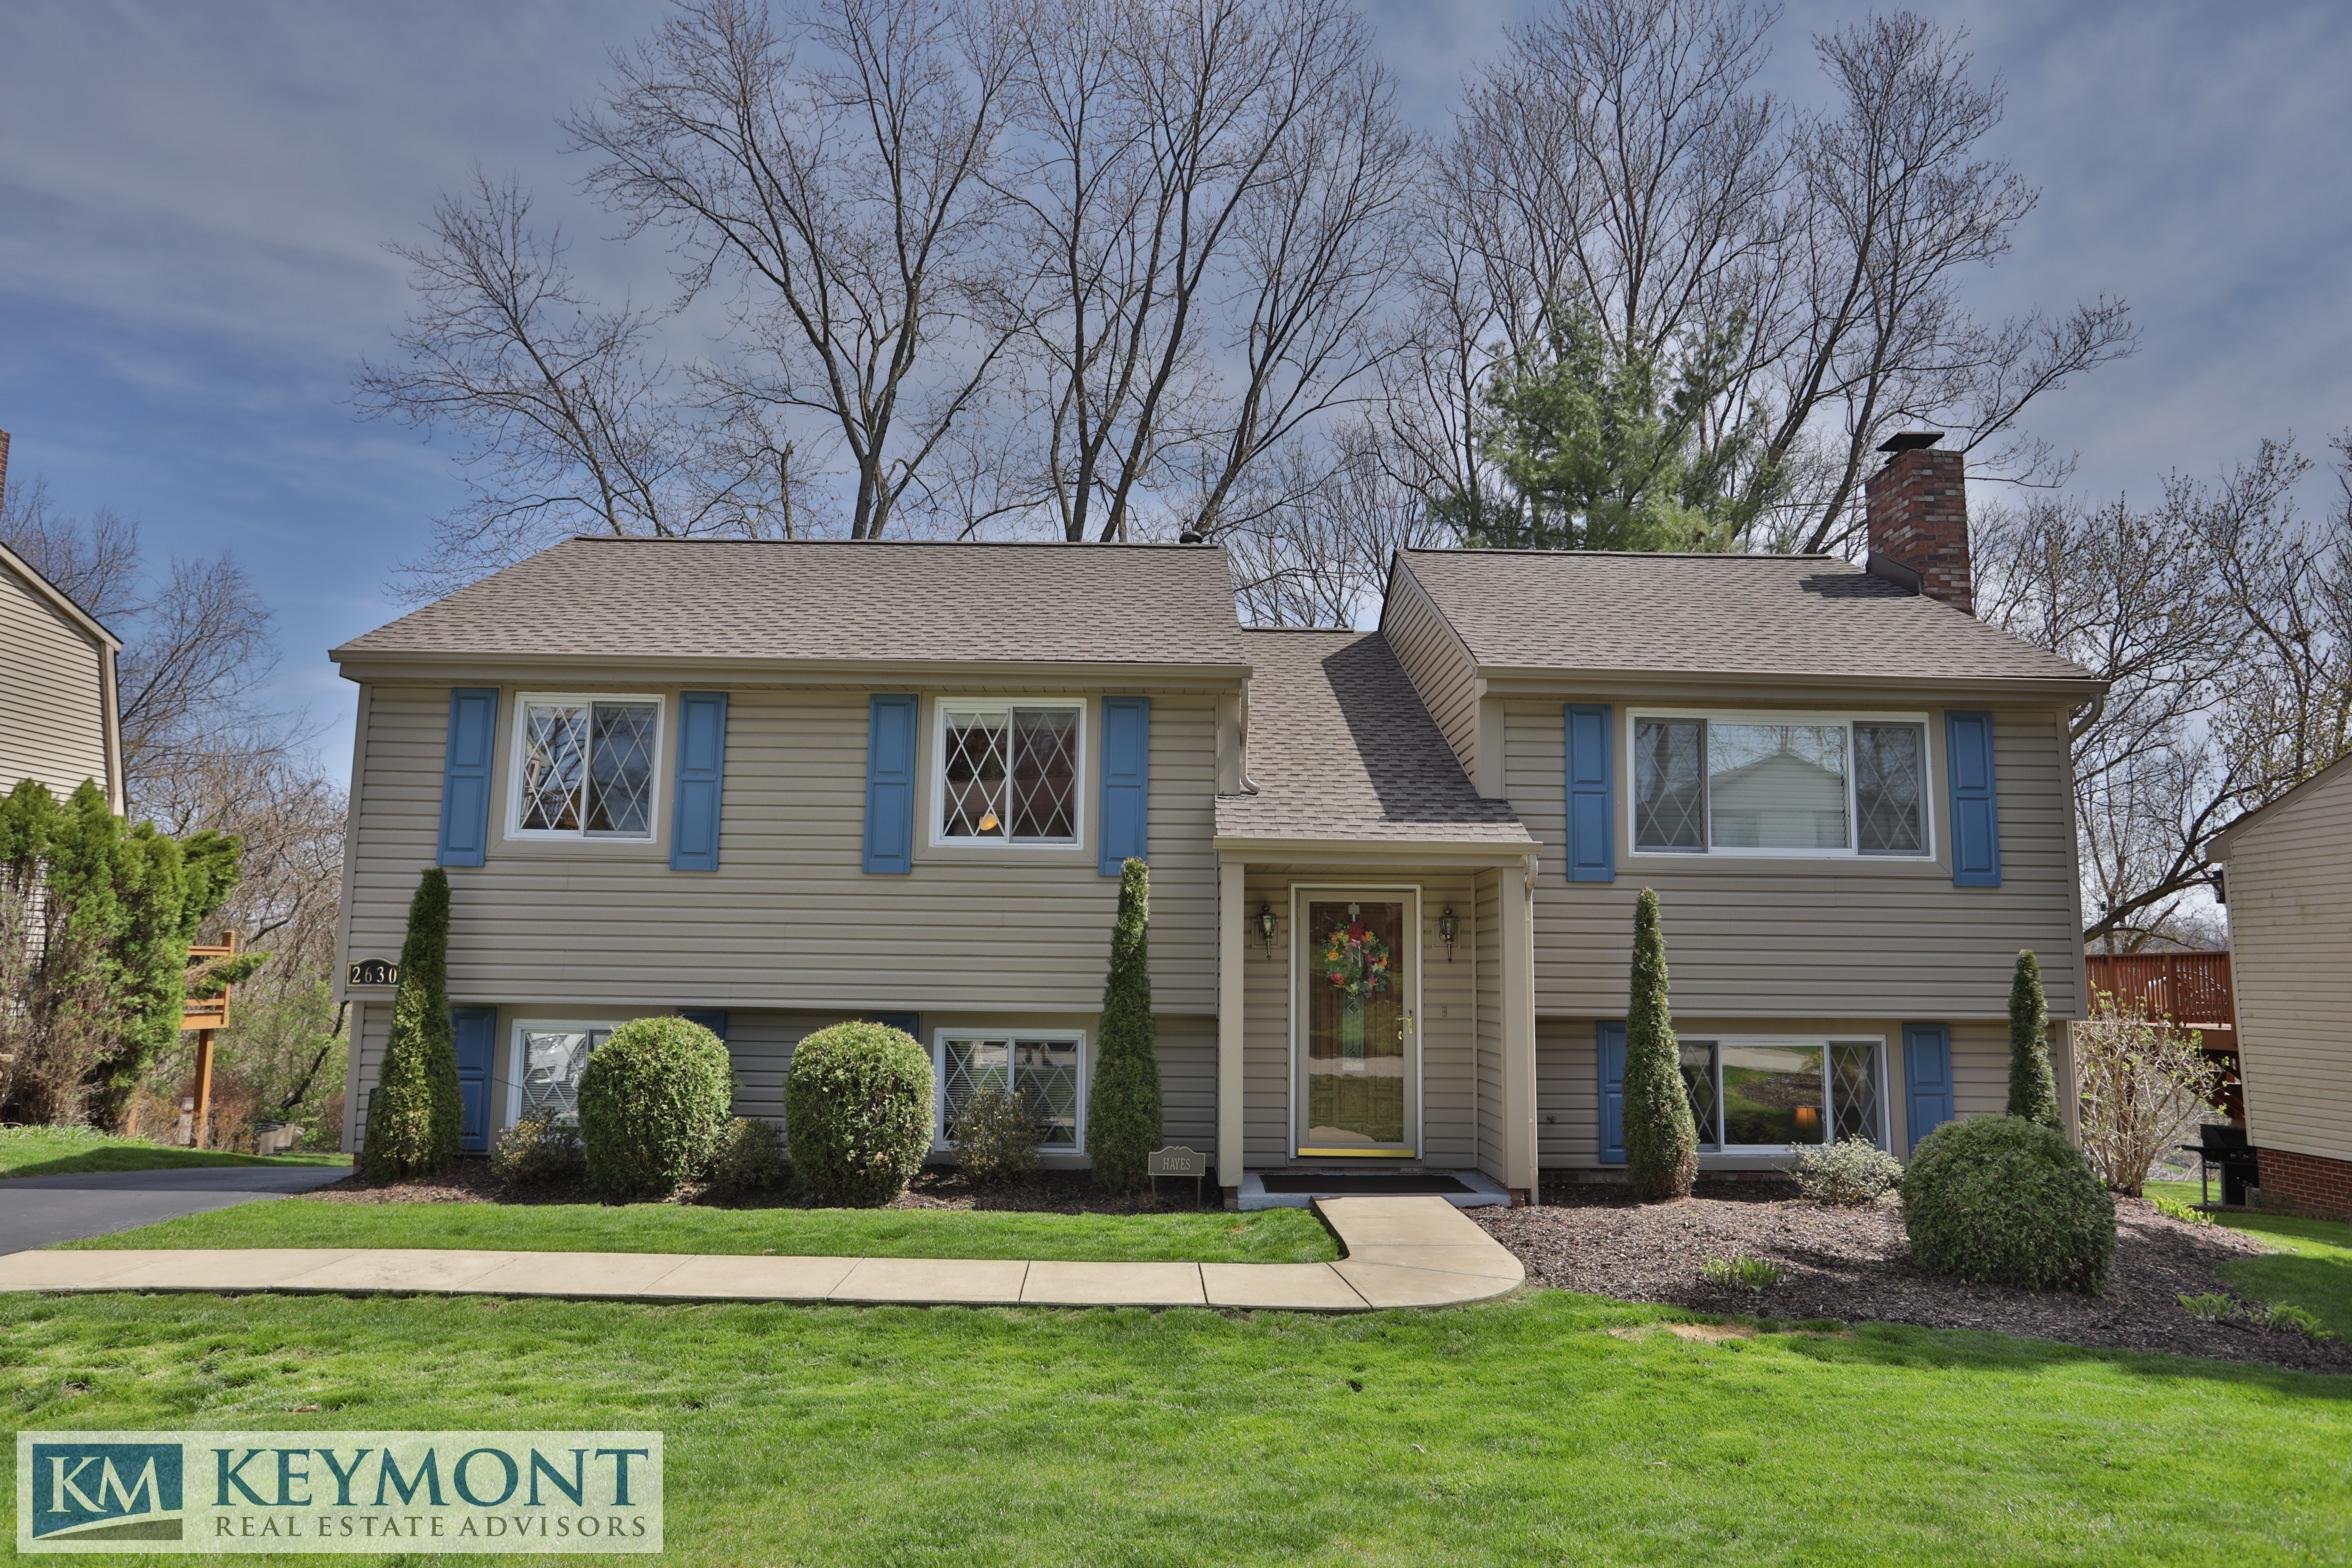 Real Estate Advisors Keymont